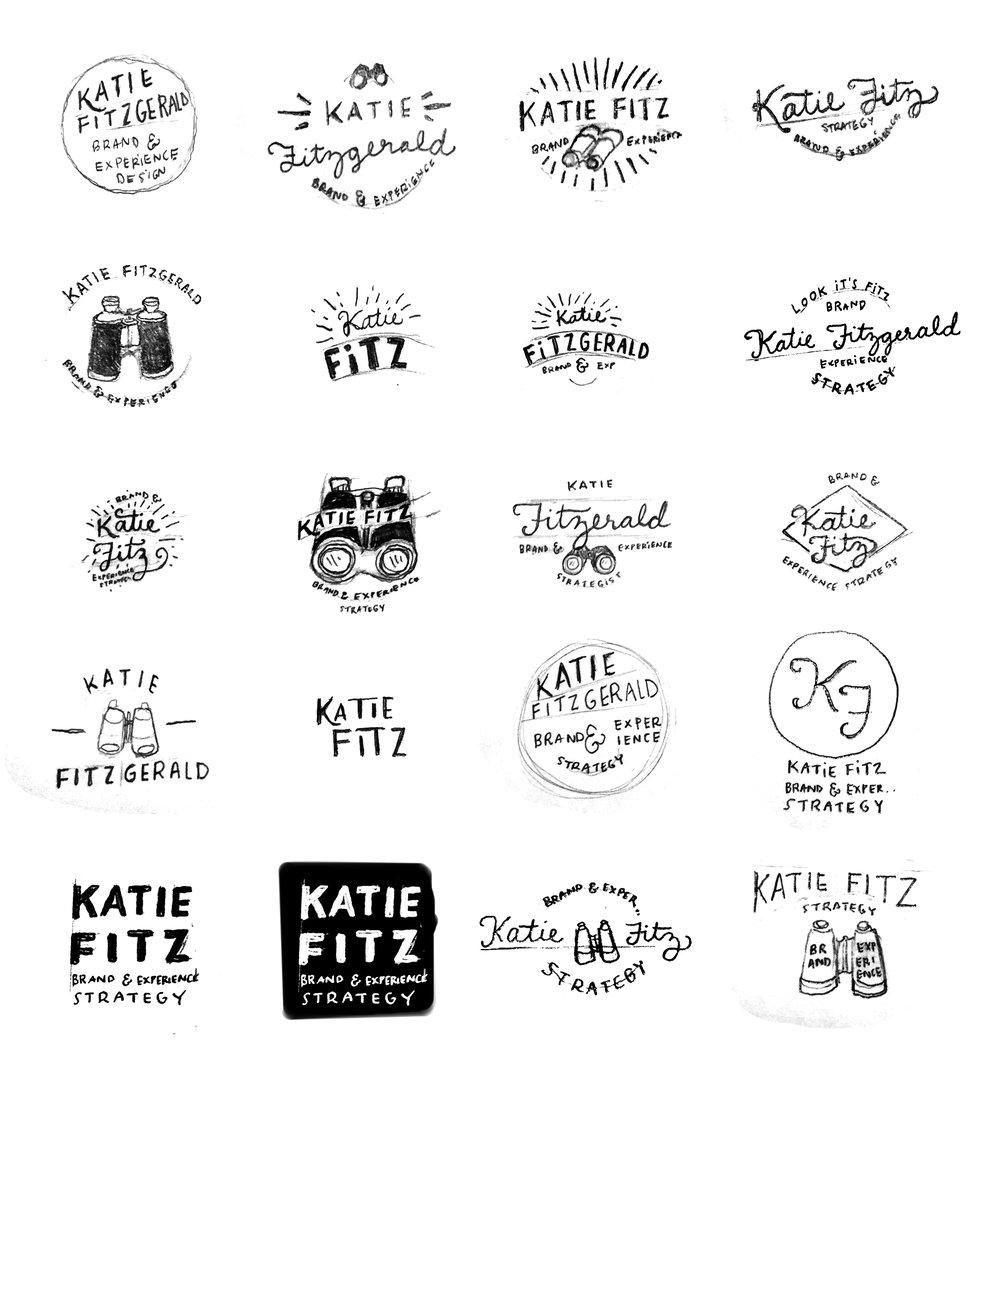 KatieFitz_roughs_1.jpg